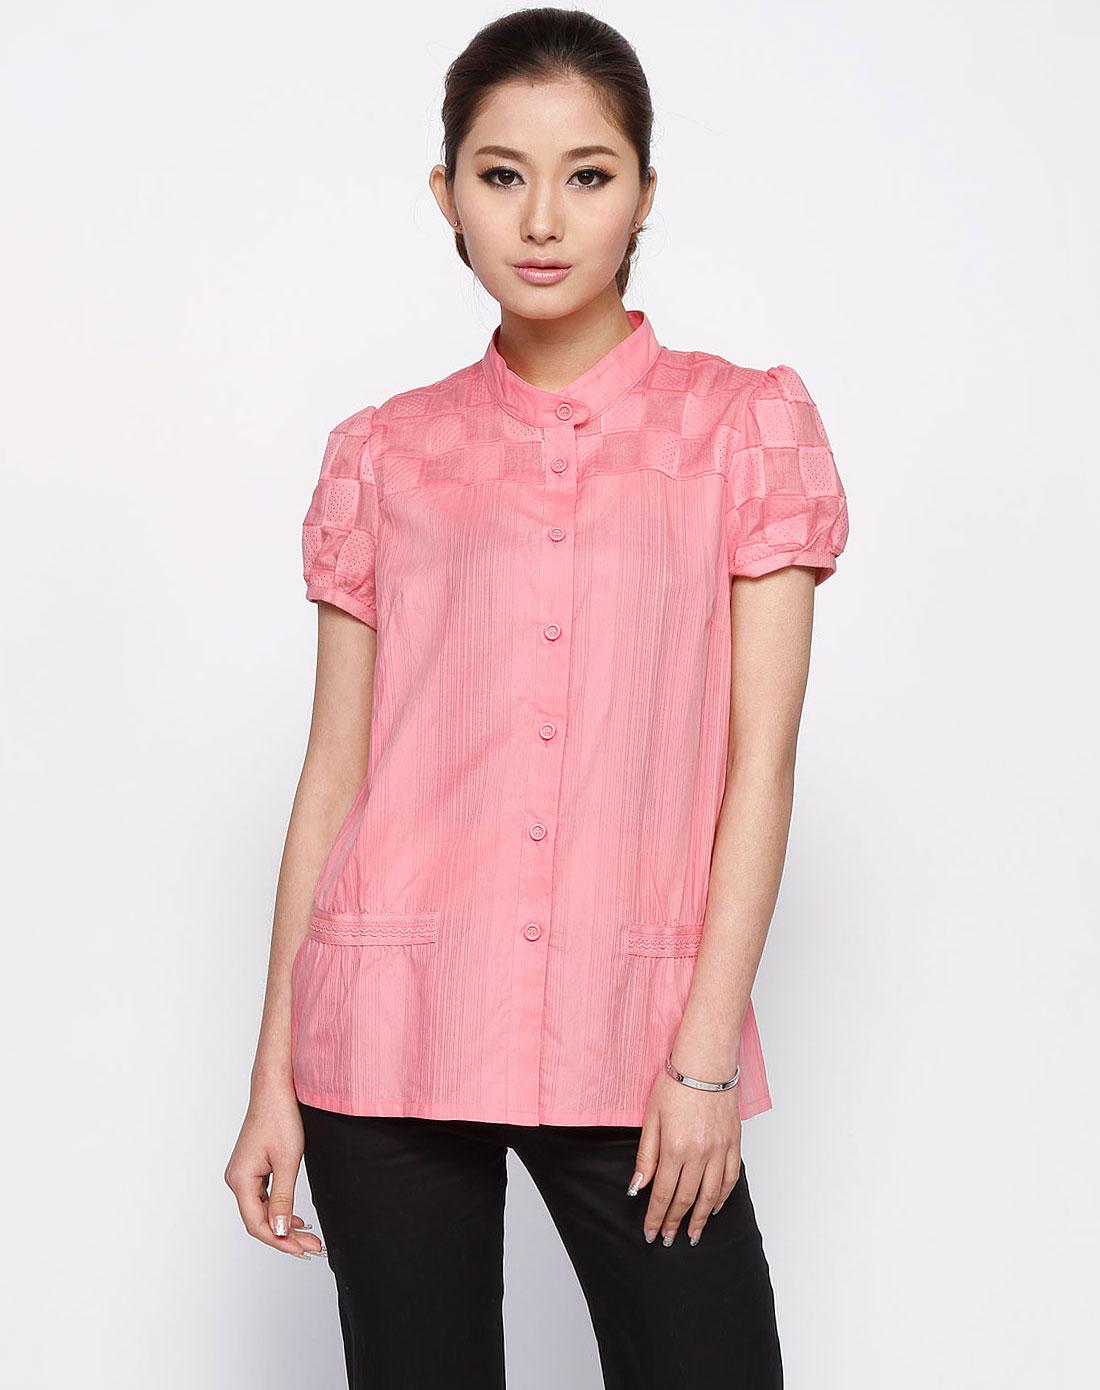 惠粉红_女款粉红色短袖衬衫